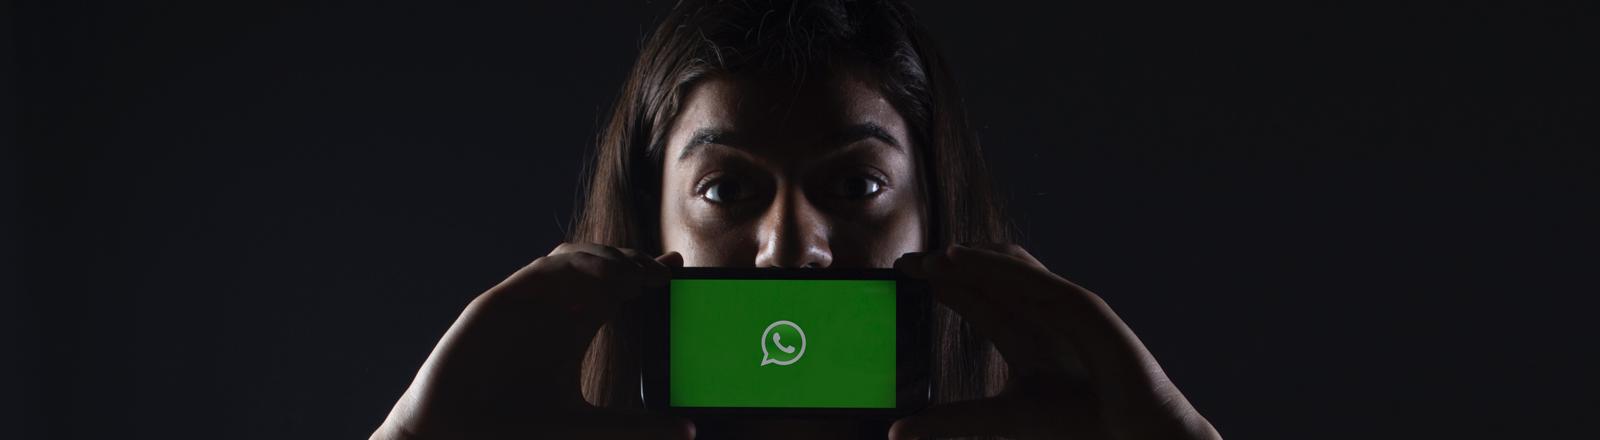 Eine Frau hält sich ein Smartphone mit einem Logo von Whatsapp vor den Mund